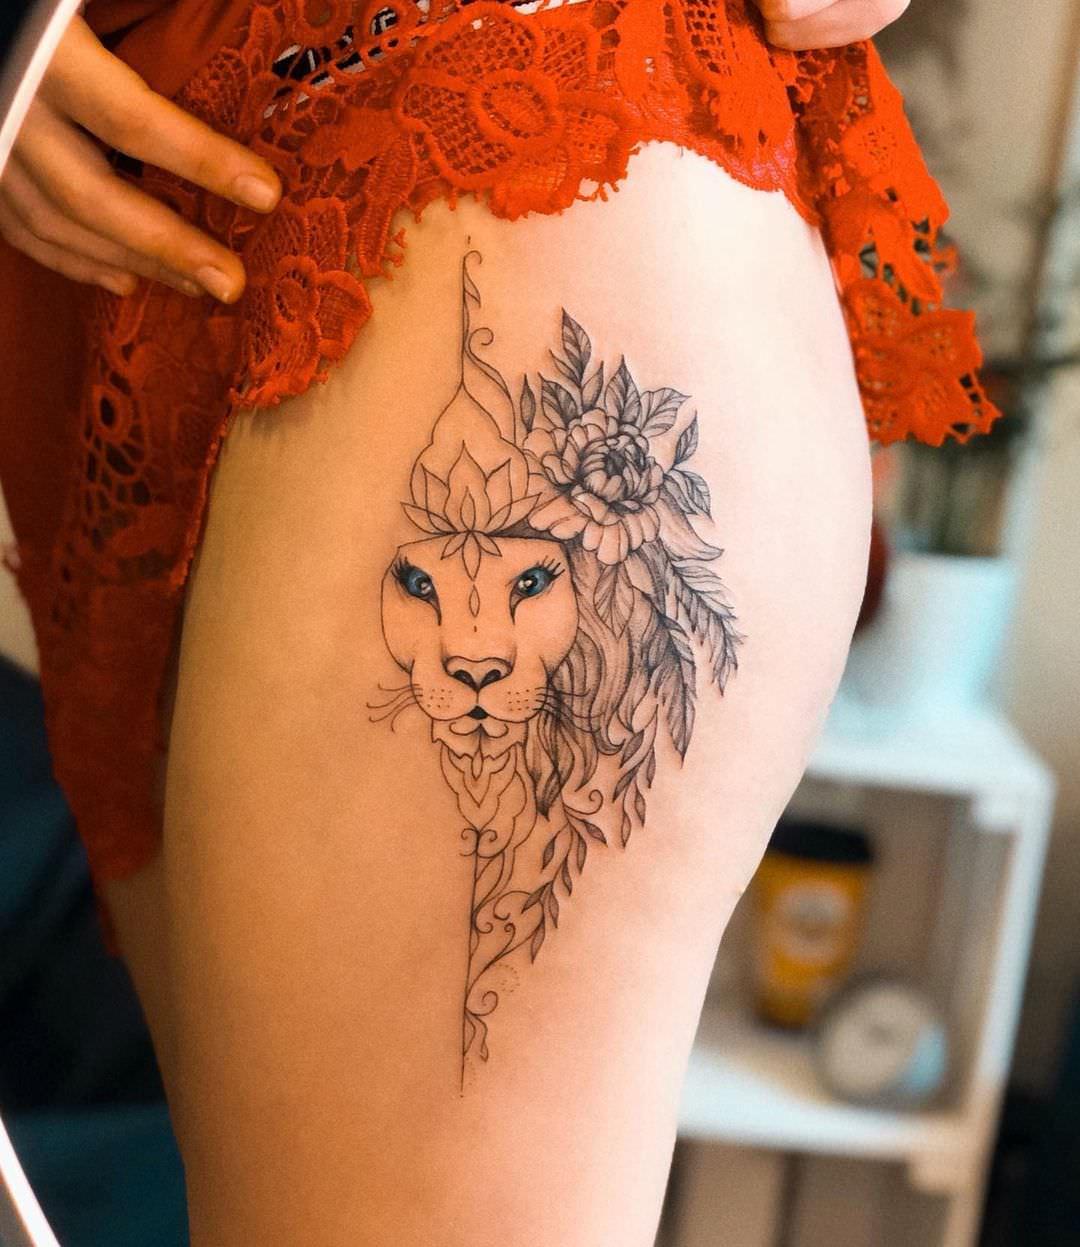 viksha_tattoo_226573516_116096124086797_1397496076205956609_n